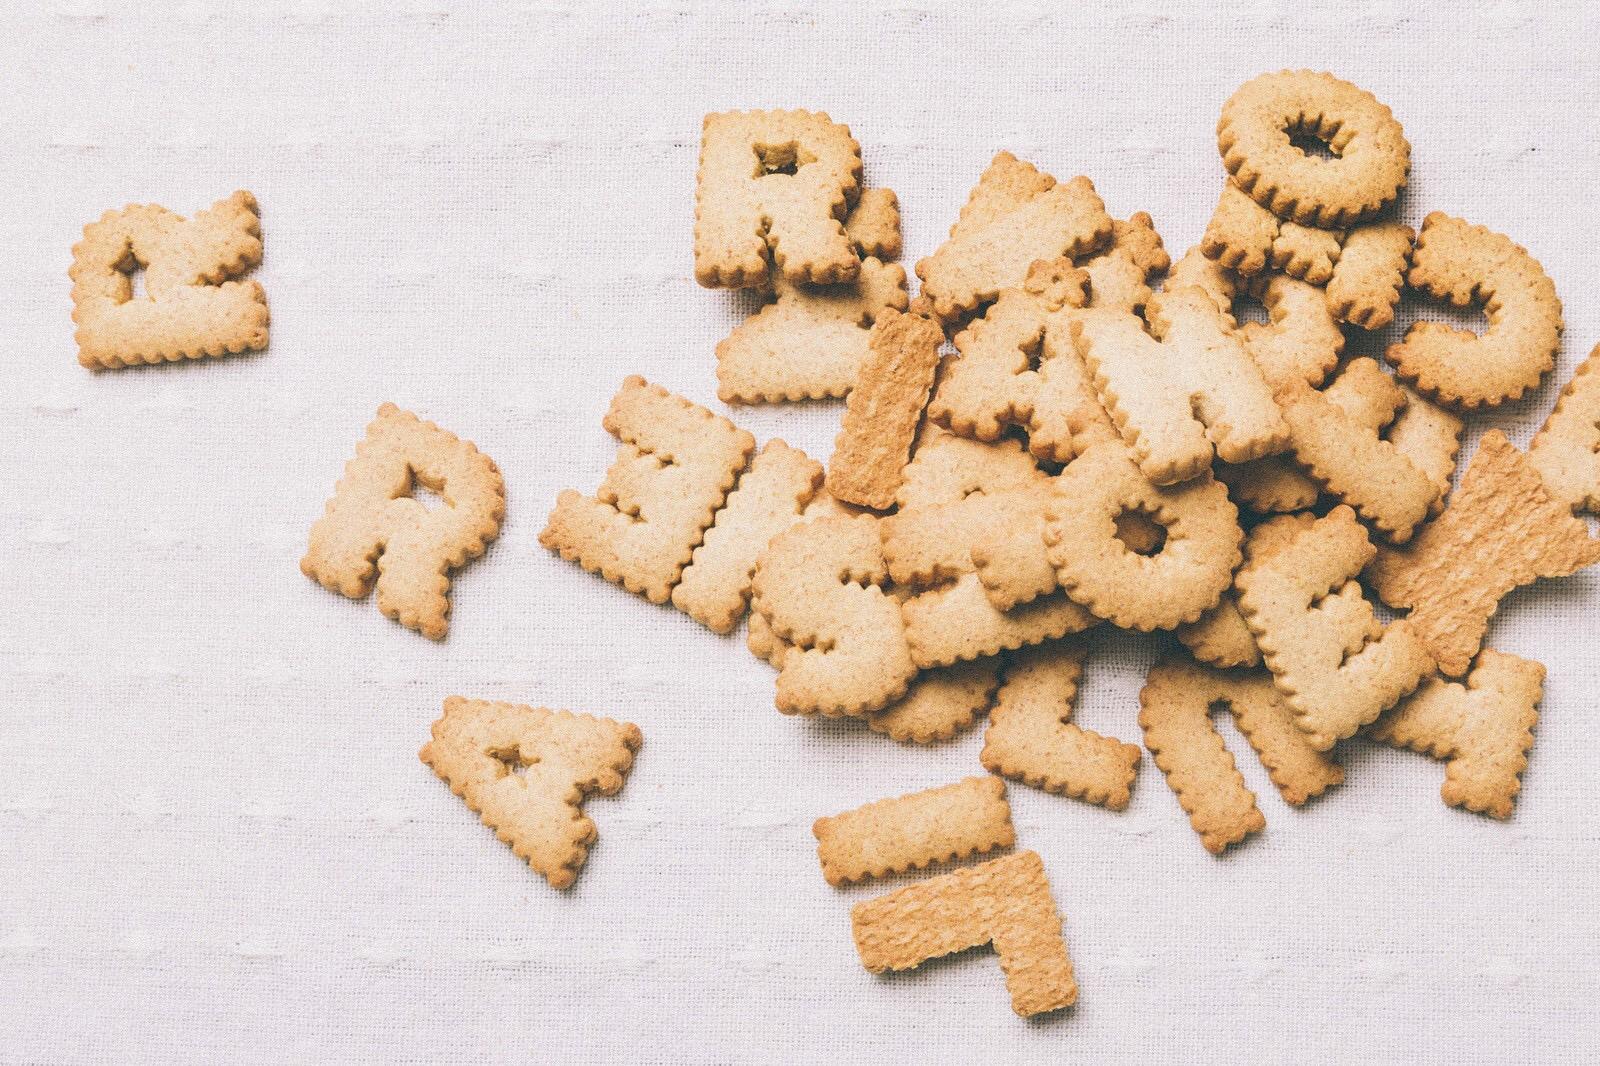 卵・牛乳アレルギーにも!お家にある材料だけで作る簡単クッキーの作り方